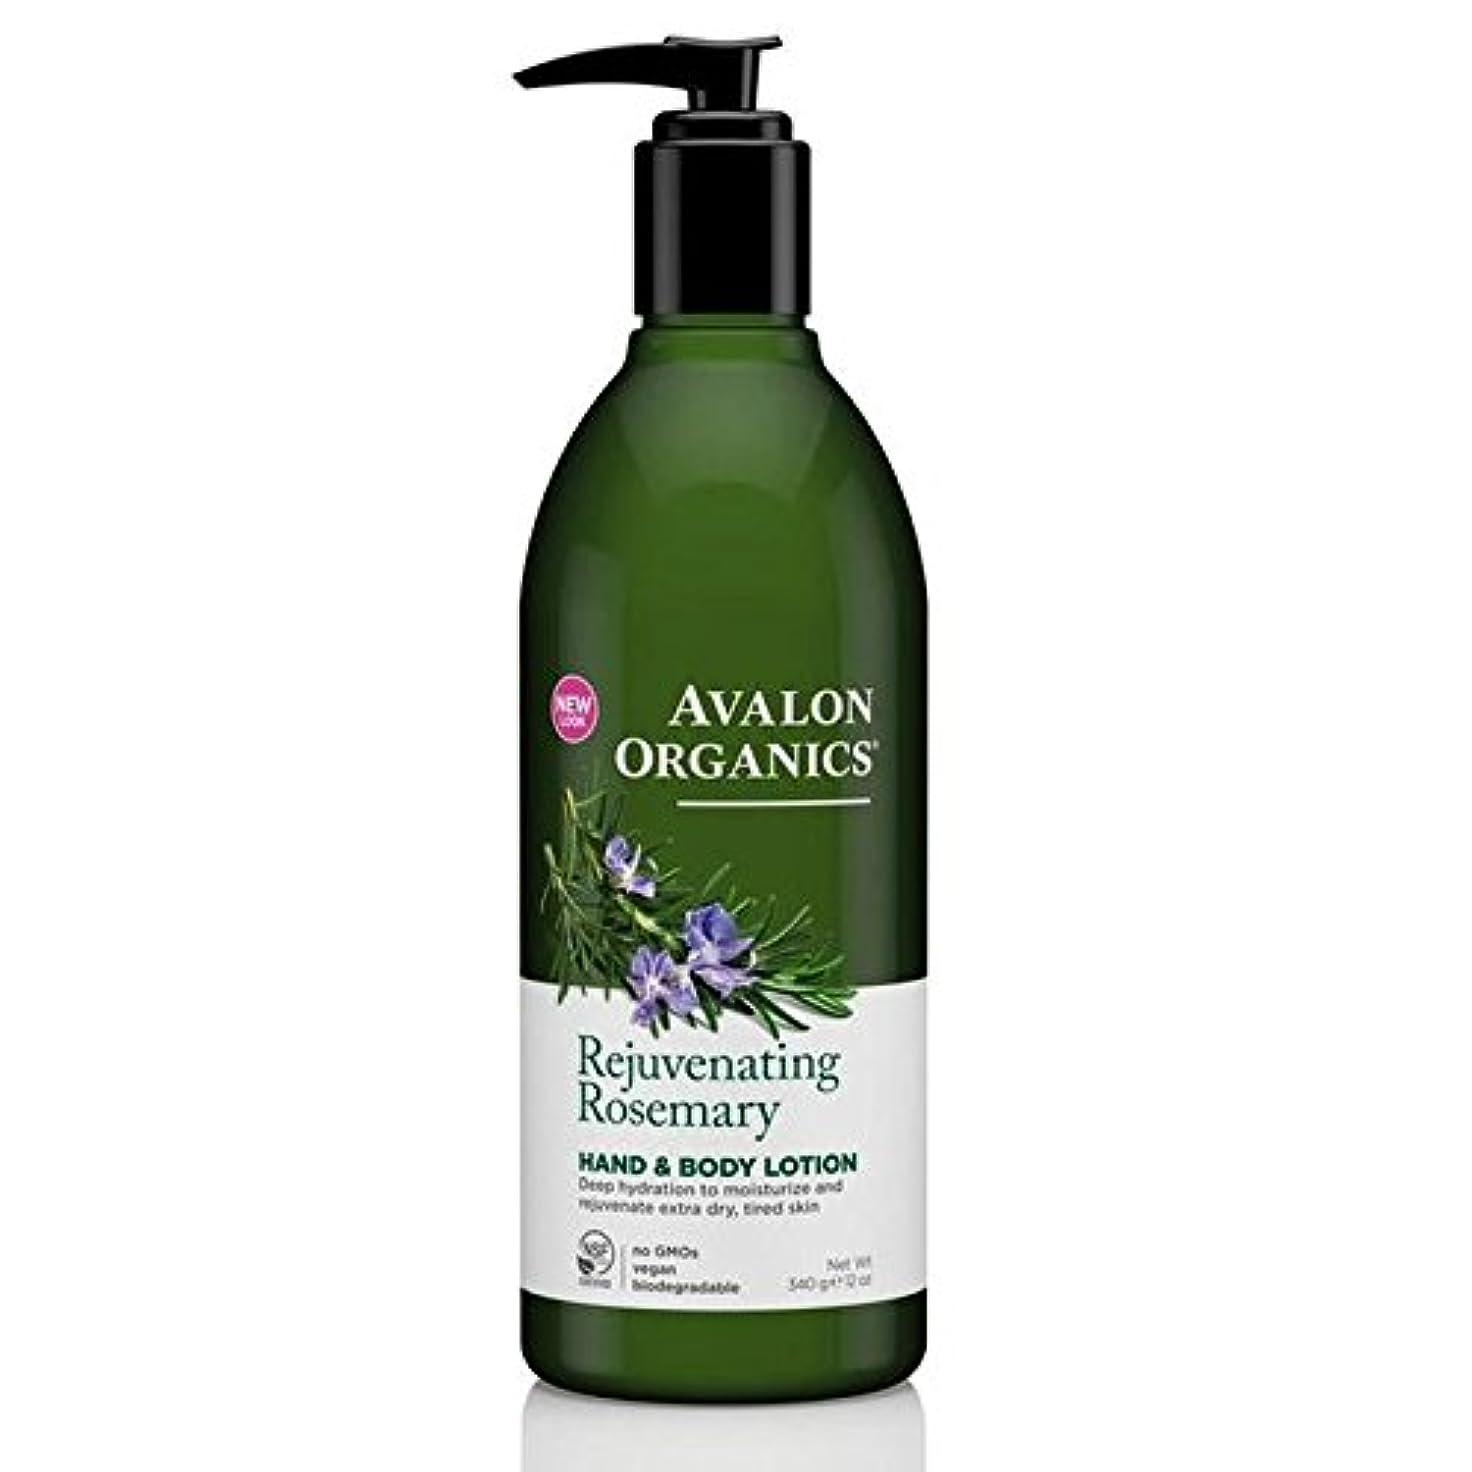 委任恩赦属性Avalon Organics Rosemary Hand & Body Lotion 340g (Pack of 6) - (Avalon) ローズマリーハンド&ボディローション340グラム (x6) [並行輸入品]